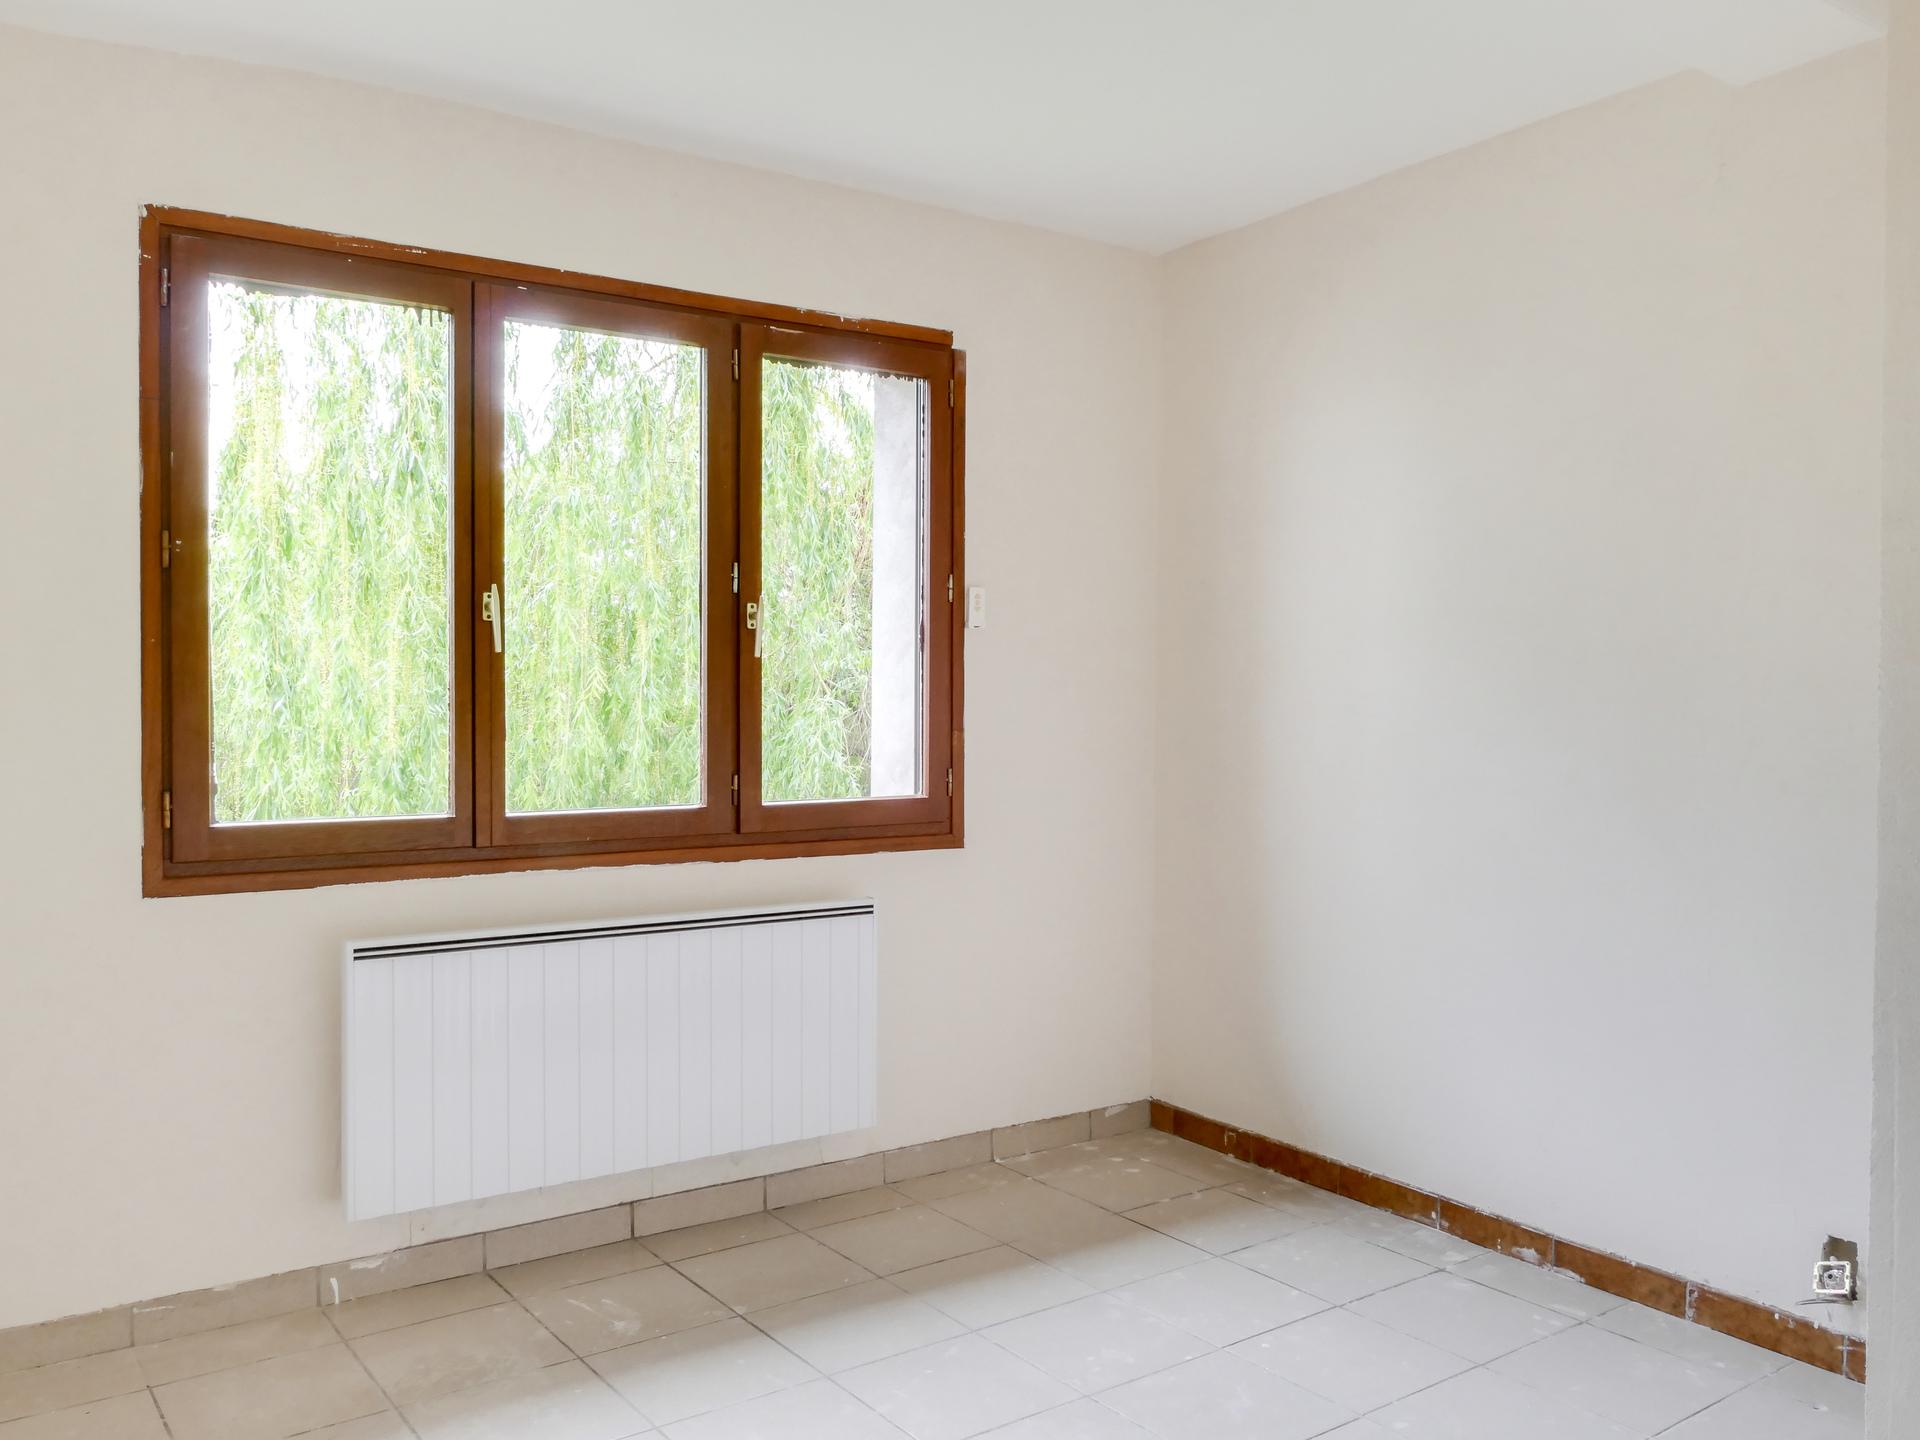 Vente maison 83m² T3 42000_2